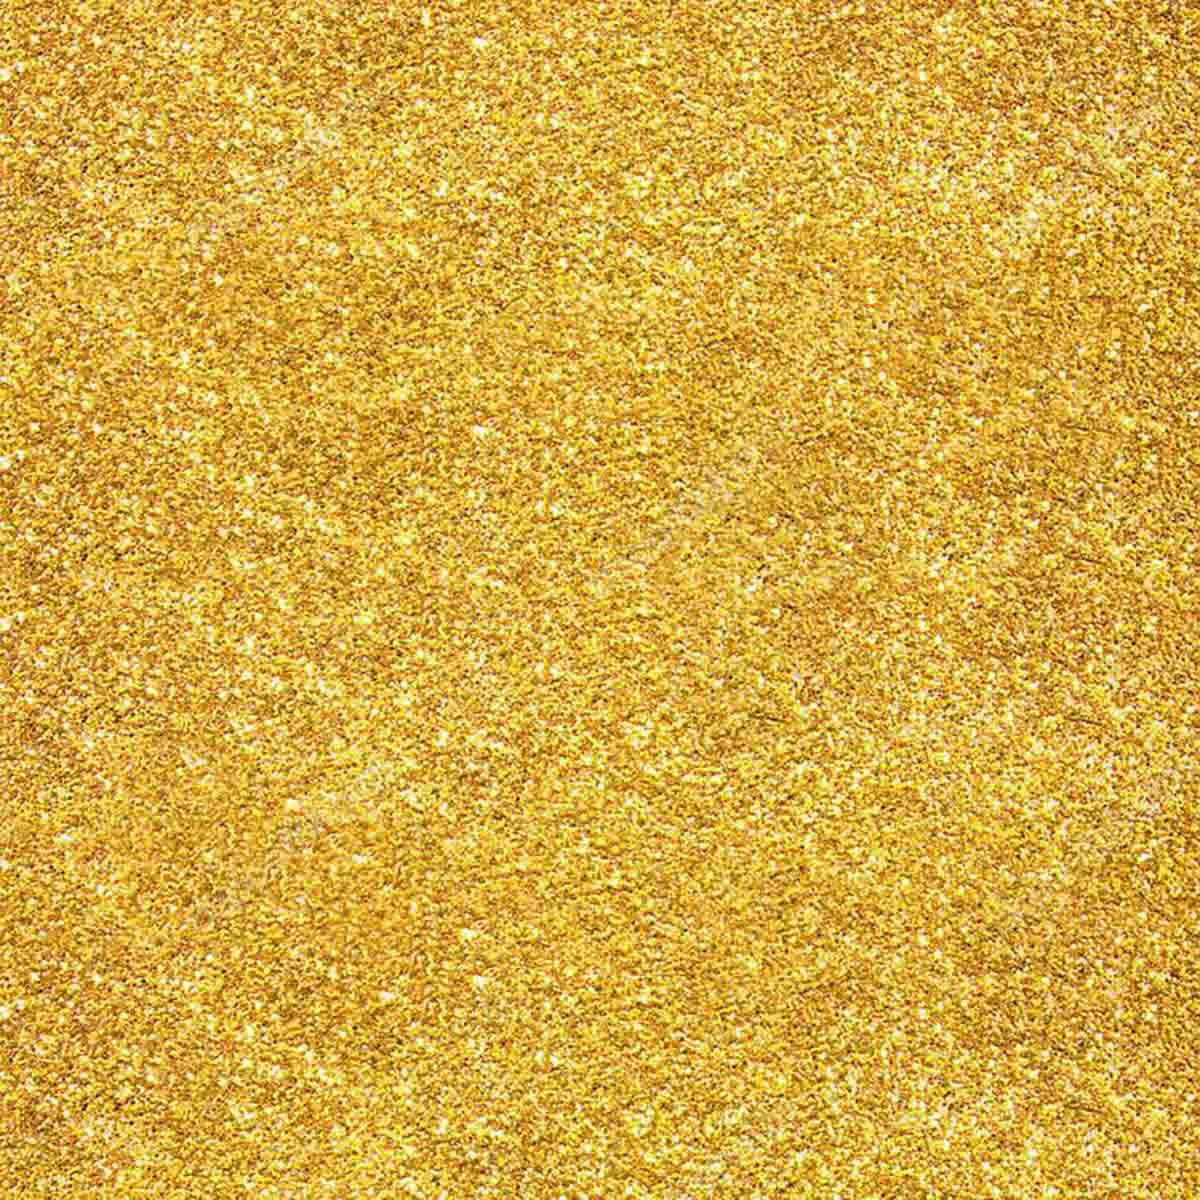 Purpurina Glitter - Dourado - 500g